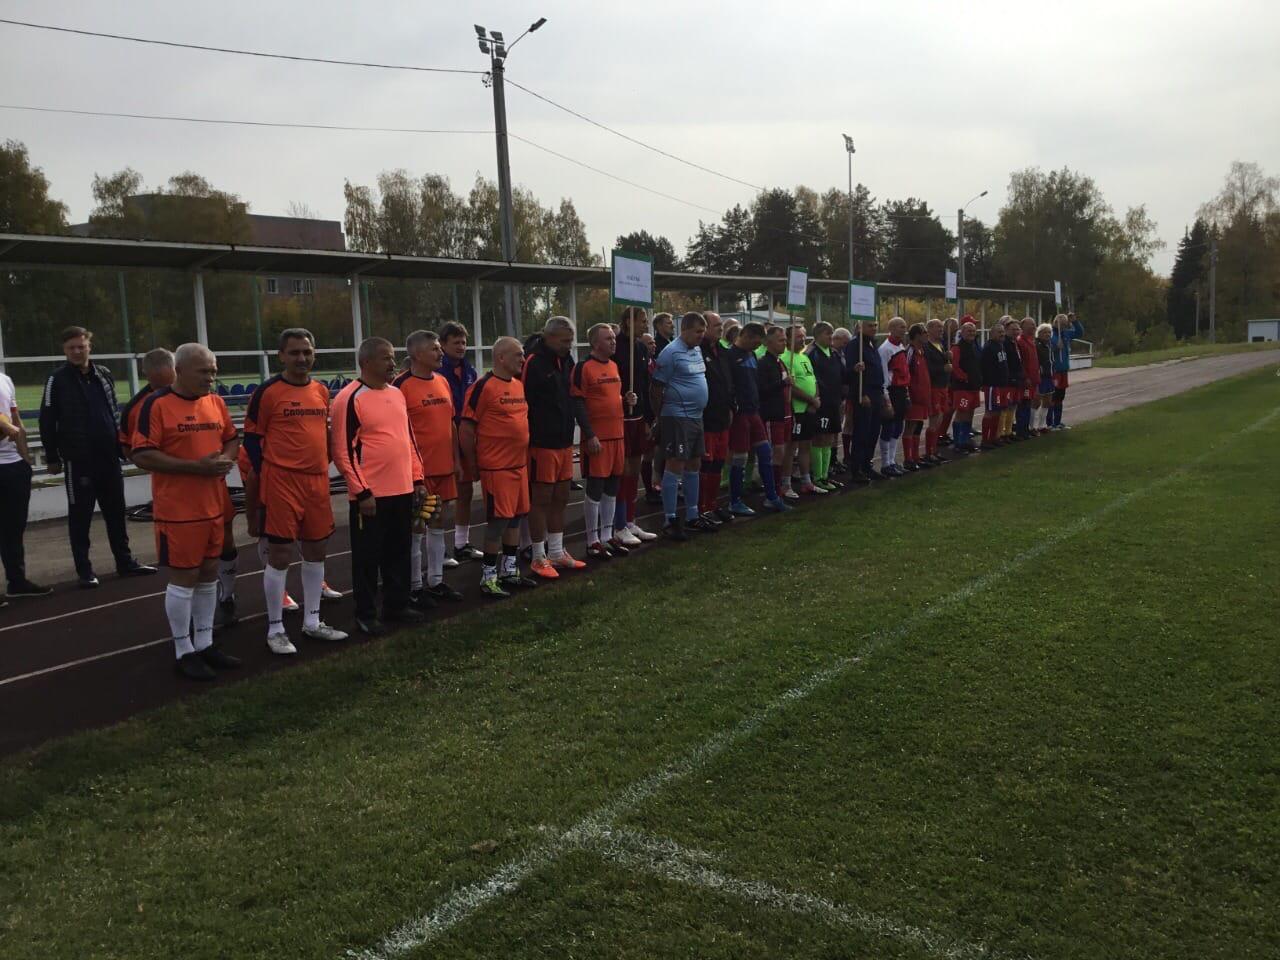 3-4 октября состоялся «Межрегиональный турнир по футболу на призы МУ «СЦ им. А.Гринина» среди ветеранов 55+».